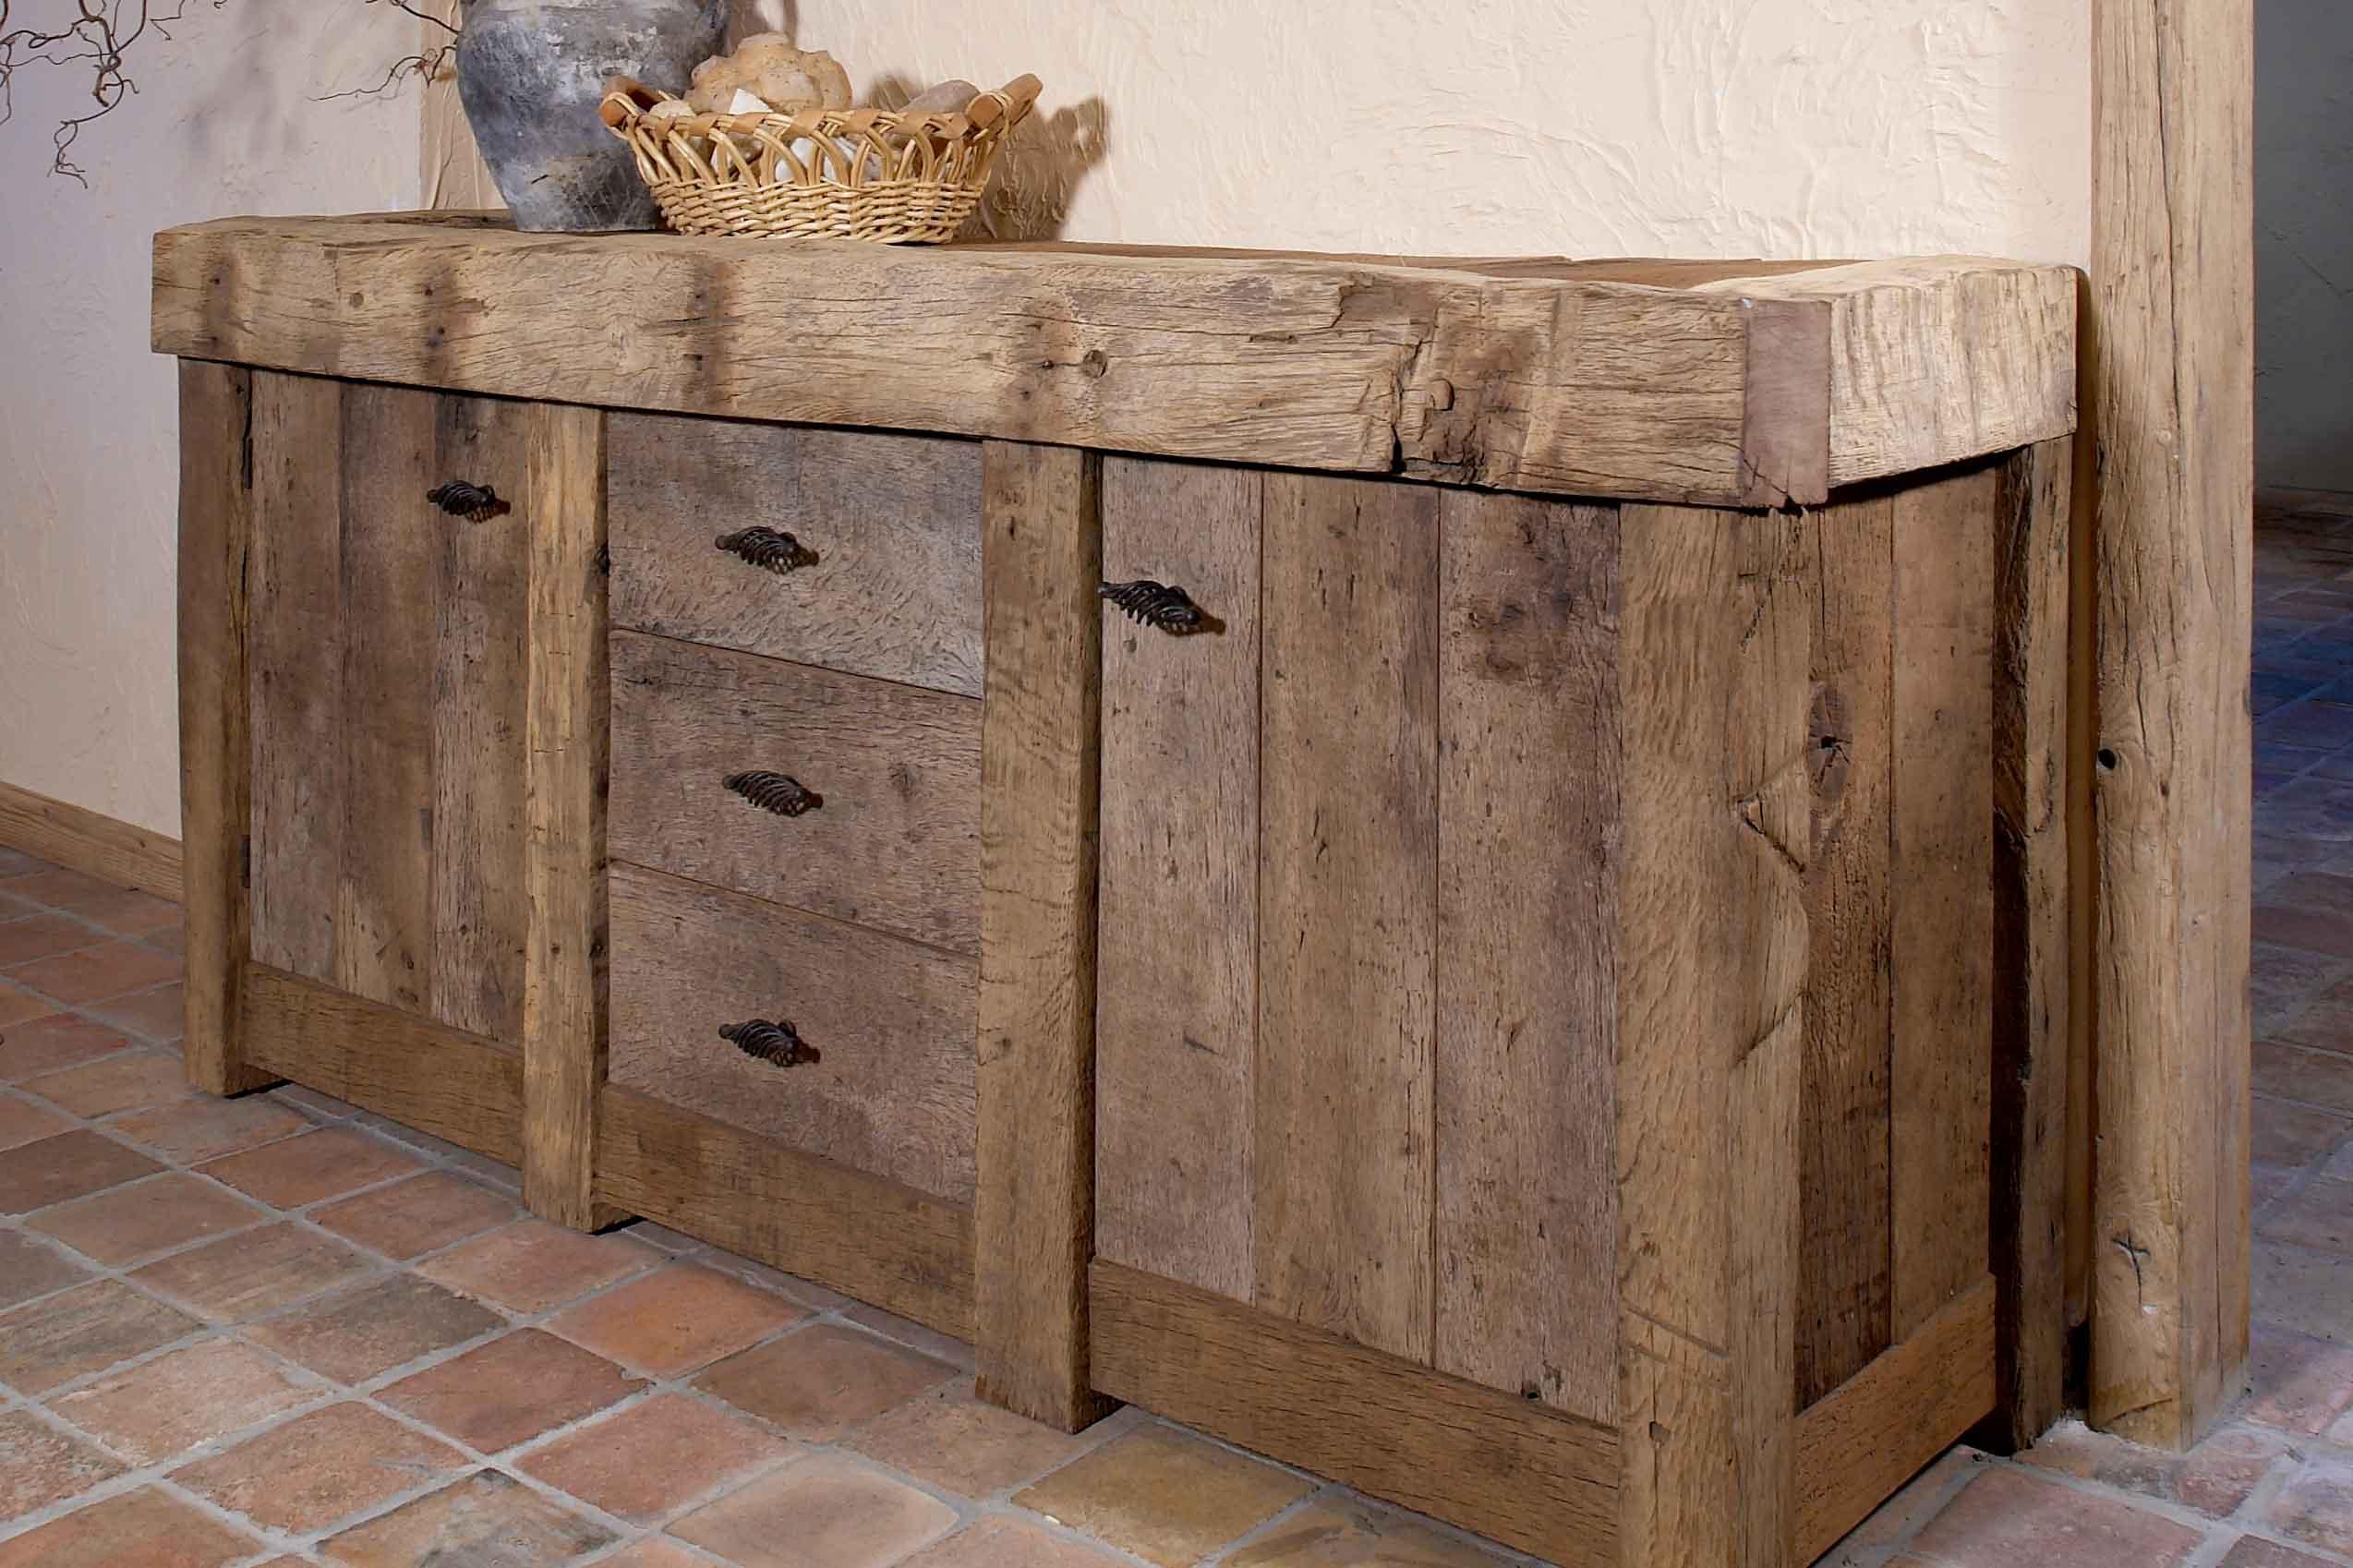 Oude Houten Kast : Oude eiken kasten van natuurlijk eiken hout gebr. de ruiter